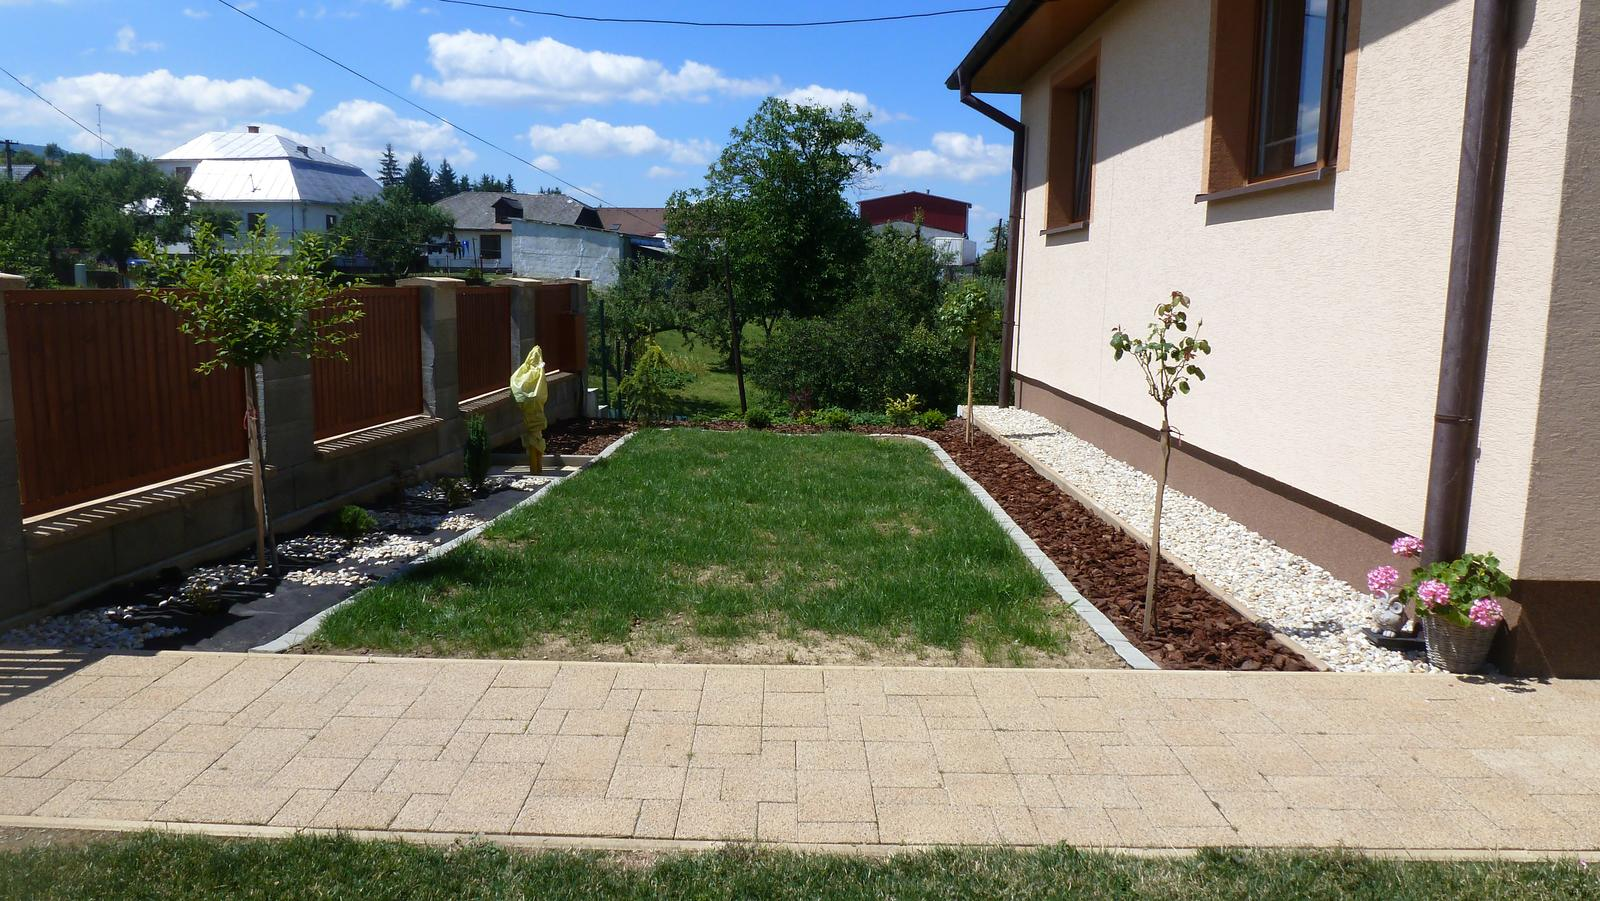 Náš dvor a záhrada 2014 - jul - cast pred domom pomaly upravujeme